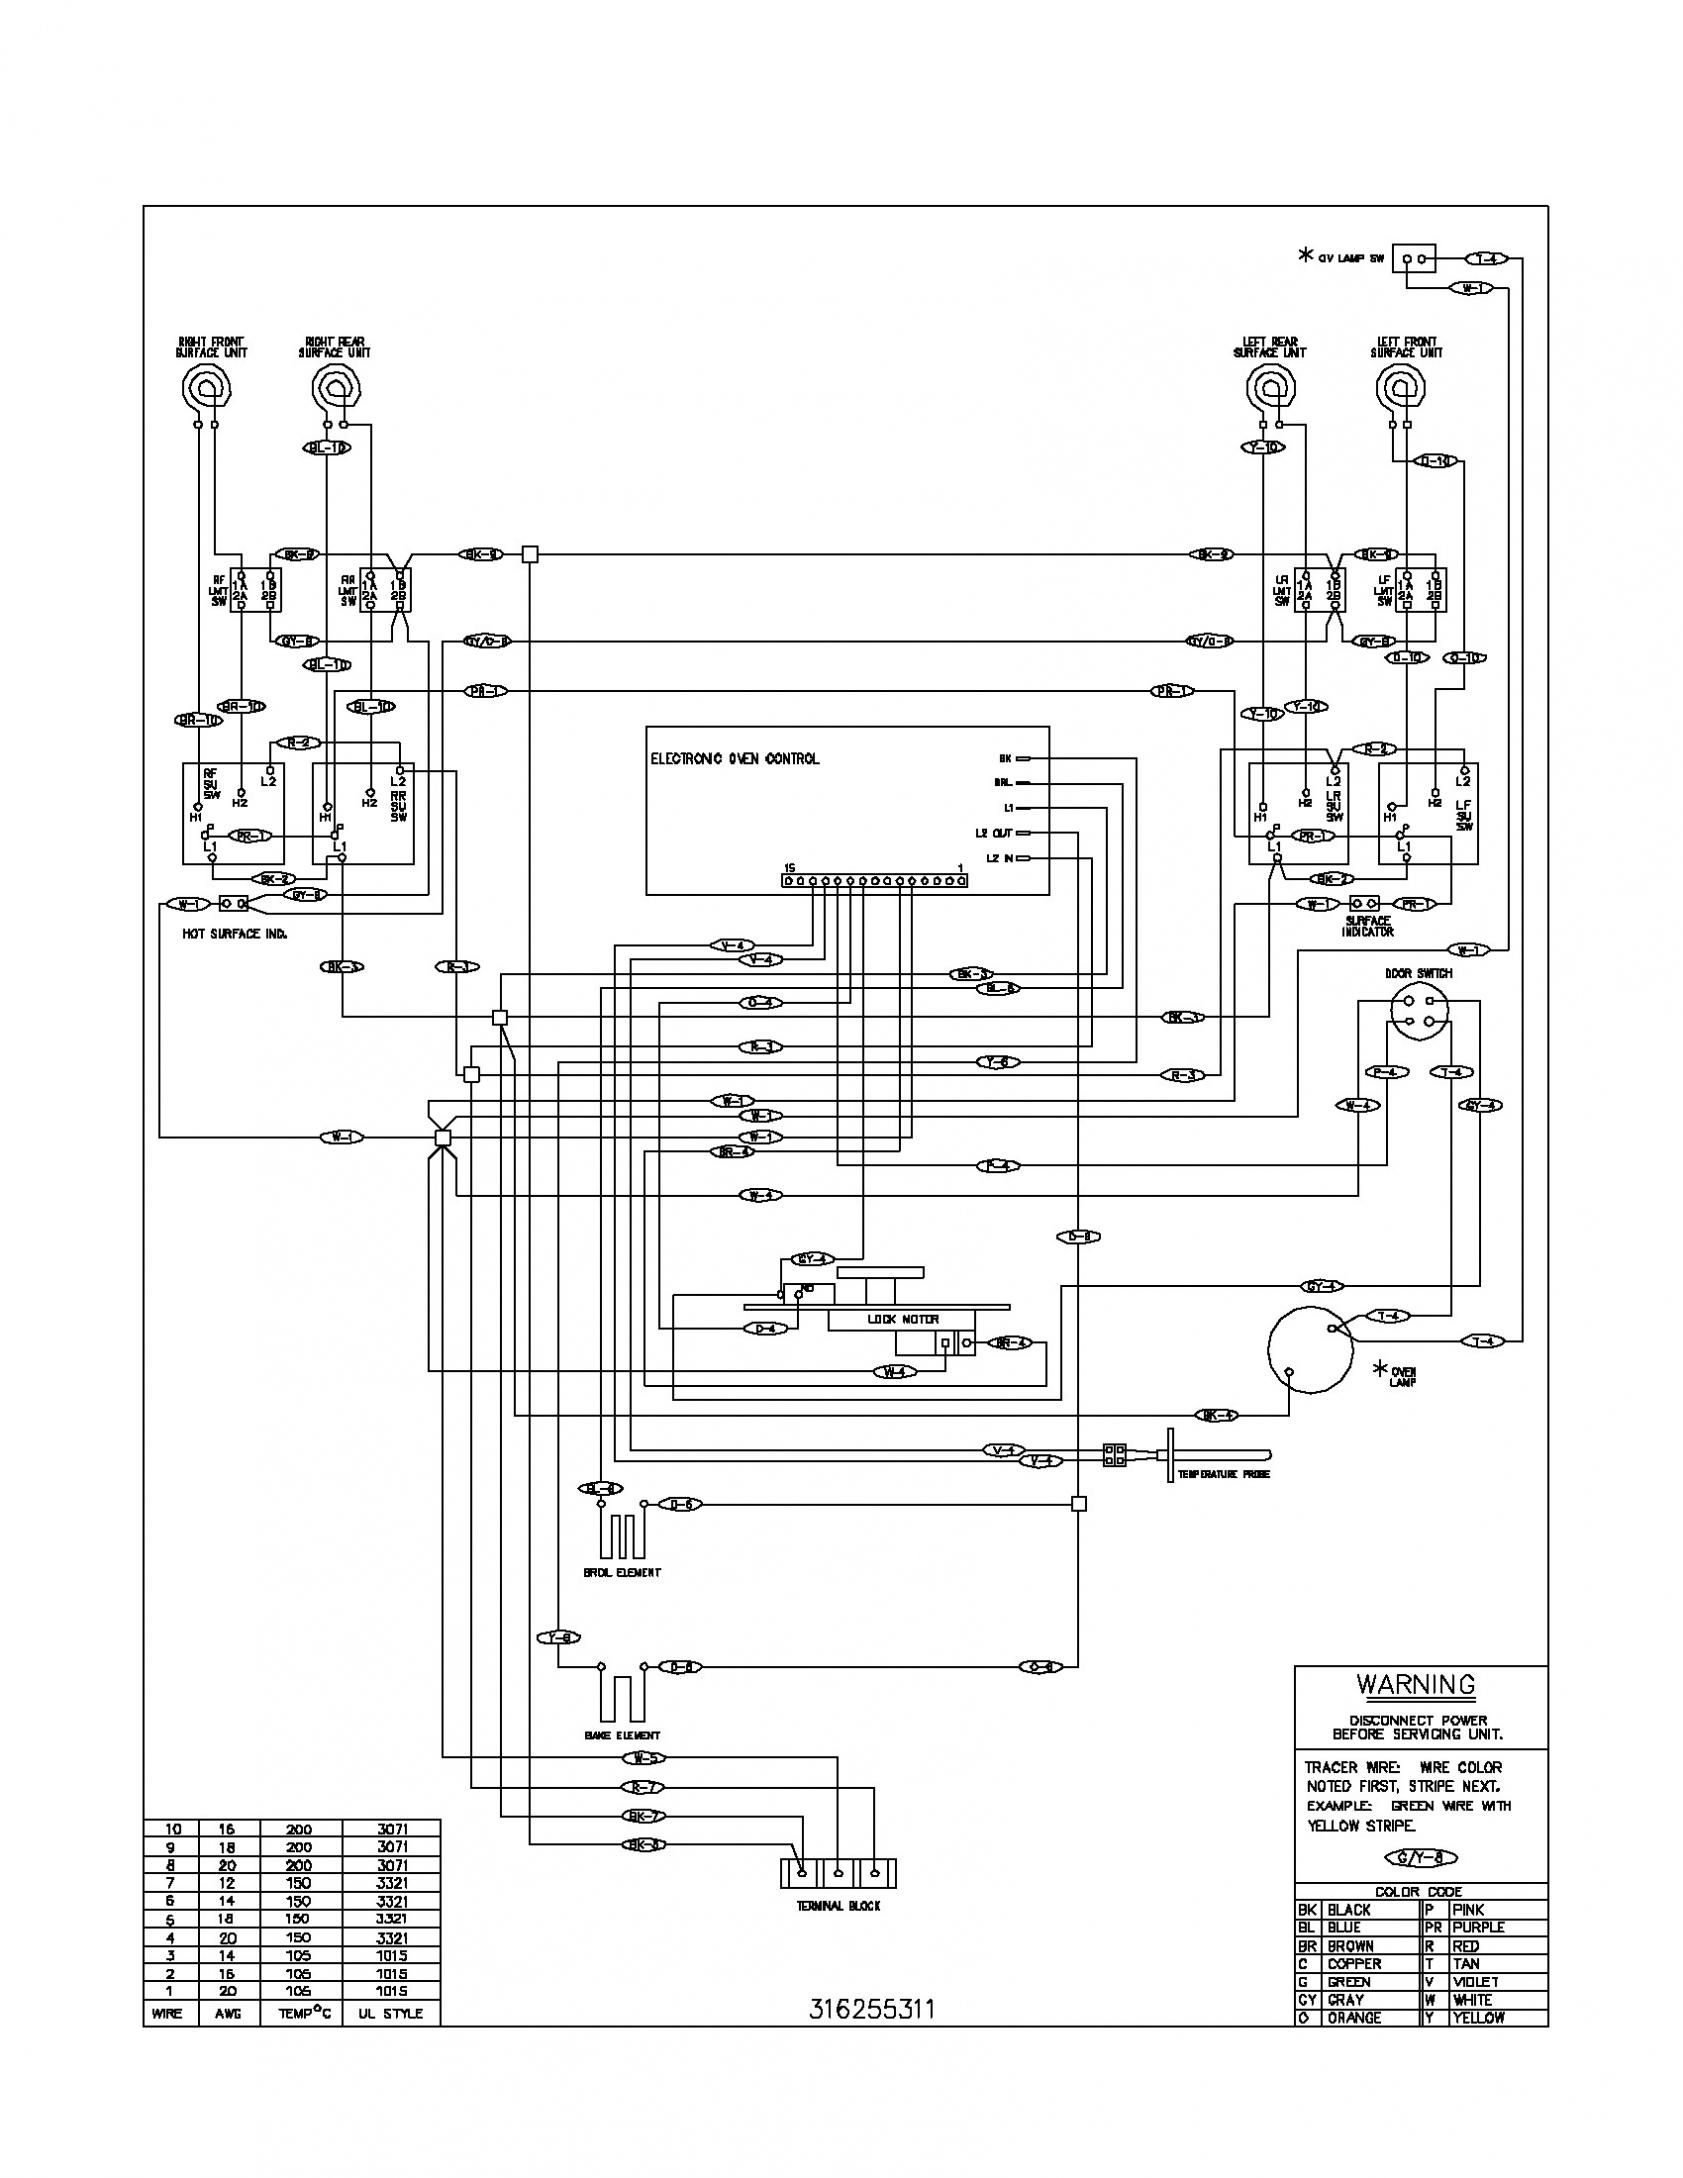 Electric Stove Wiring Diagram — Daytonva150 - Electric Stove Wiring Diagram